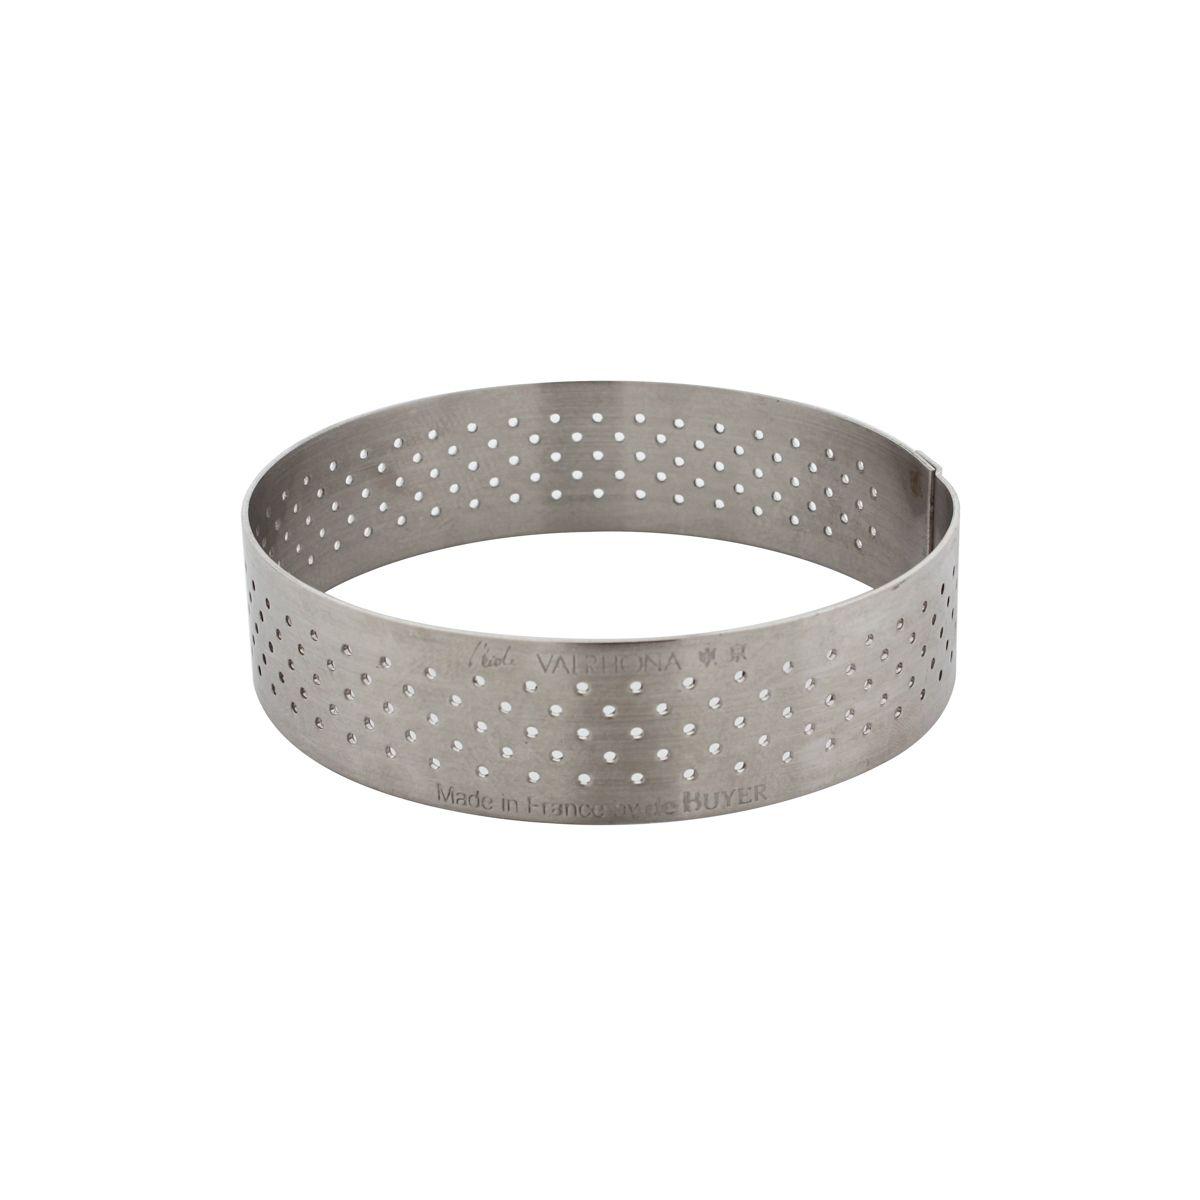 Cercle à tartelette en inox perforé 7.5 x 2 cm - De Buyer